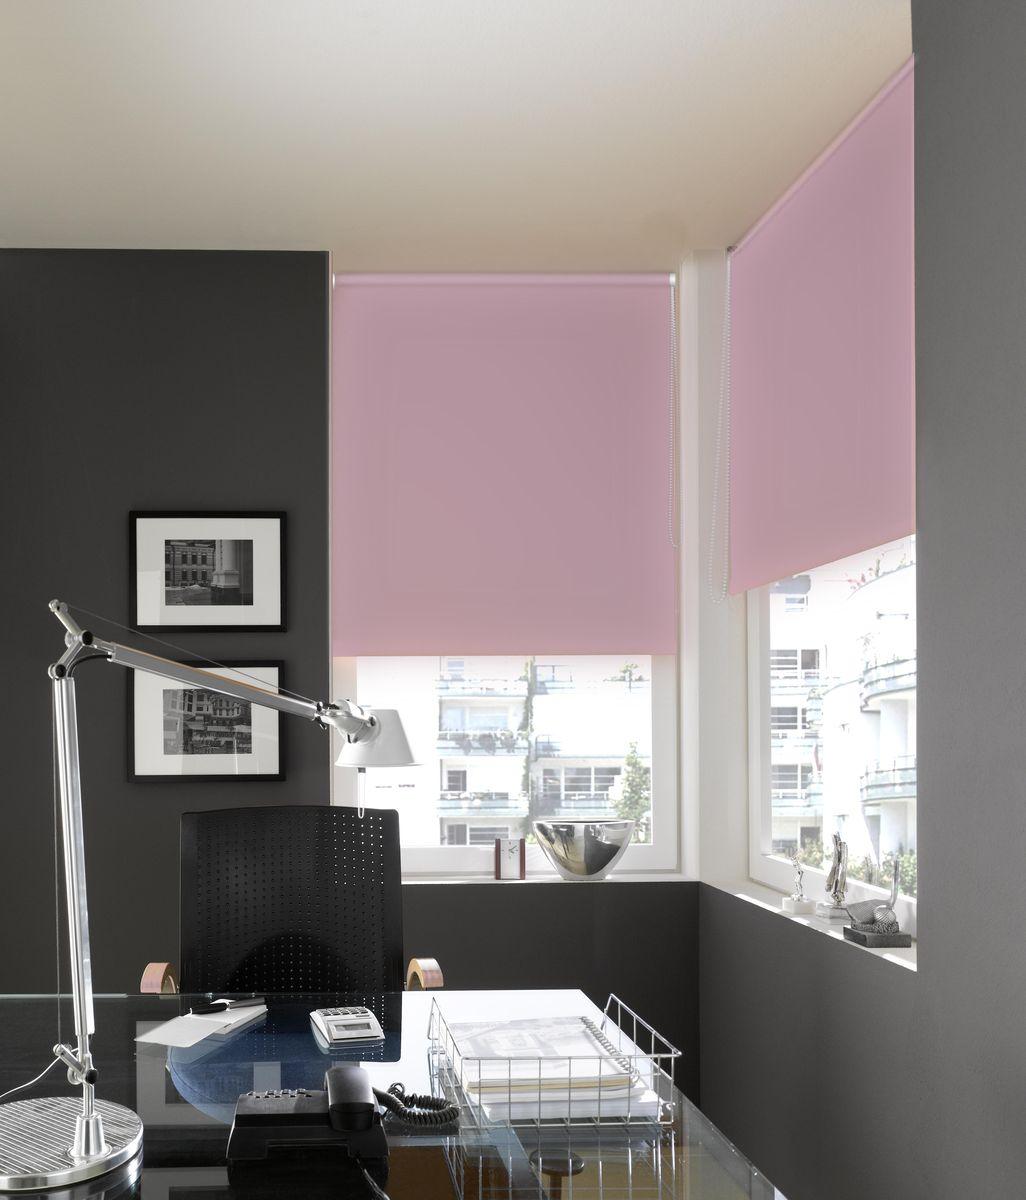 Штора рулонная Эскар Миниролло. Blackout, светонепроницаемая, цвет: розовый кварц, ширина 115 см, высота 170 см1004900000360Рулонные шторы, не пропускающие солнечный свет, изготовляются из полностью светонепроницаемого материала блэкаут. Это свойство обеспечивается структурой ткани и специальными вплетенными нитями, удерживающими проникновение света. Шторы, обладающие свойством светонепроницаемости, находят широкое применение в различных сферах. Они используются в кинотеатрах, фотолабораториях и других подобных помещениях, где необходимо абсолютное затемнение. В быту такие занавеси применяются для снижения уровня освещенности детских комнат.Основу готовых штор составляет тканевое полотно, которое при открывании наматывается на вал, закрепленный в верхней части окна. Для удобства управления и ровного натяжения полотна снизу оно утяжелено пластиной. Светонепроницаемость 100%.Полотна фиксируются с помощью трубы диаметром 17 мм. Крепятсяна раму без сверления благодаря клипсе или площадке с двустороннем скотчем, входящим в комплект.Преимущества применения рулонных штор для пластиковых окон: - имеют прекрасный внешний вид: многообразие и фактурность материала изделия отлично смотрятся в любом интерьере;- многофункциональны: есть возможность подобрать шторы способные эффективно защитить комнату от солнца, при этом она не будет слишком темной; - есть возможность осуществить быстрый монтаж.ВНИМАНИЕ! Ширина изделия указана по ширине ткани! Во время эксплуатации не рекомендуется полностью разматывать рулон, чтобы не оторвать ткань от намоточного вала. В случае загрязнения поверхности ткани, чистку шторы проводят одним из способов, в зависимости от типа загрязнения:- легкое поверхностное загрязнение можно удалить при помощи канцелярского ластика;- чистка от пыли производится сухим методом при помощи пылесоса с мягкой щеткой-насадкой;- для удаления пятна используйте мягкую губку с пенообразующим неагрессивным моющим средством или пятновыводитель на натуральной основе (нельзя при